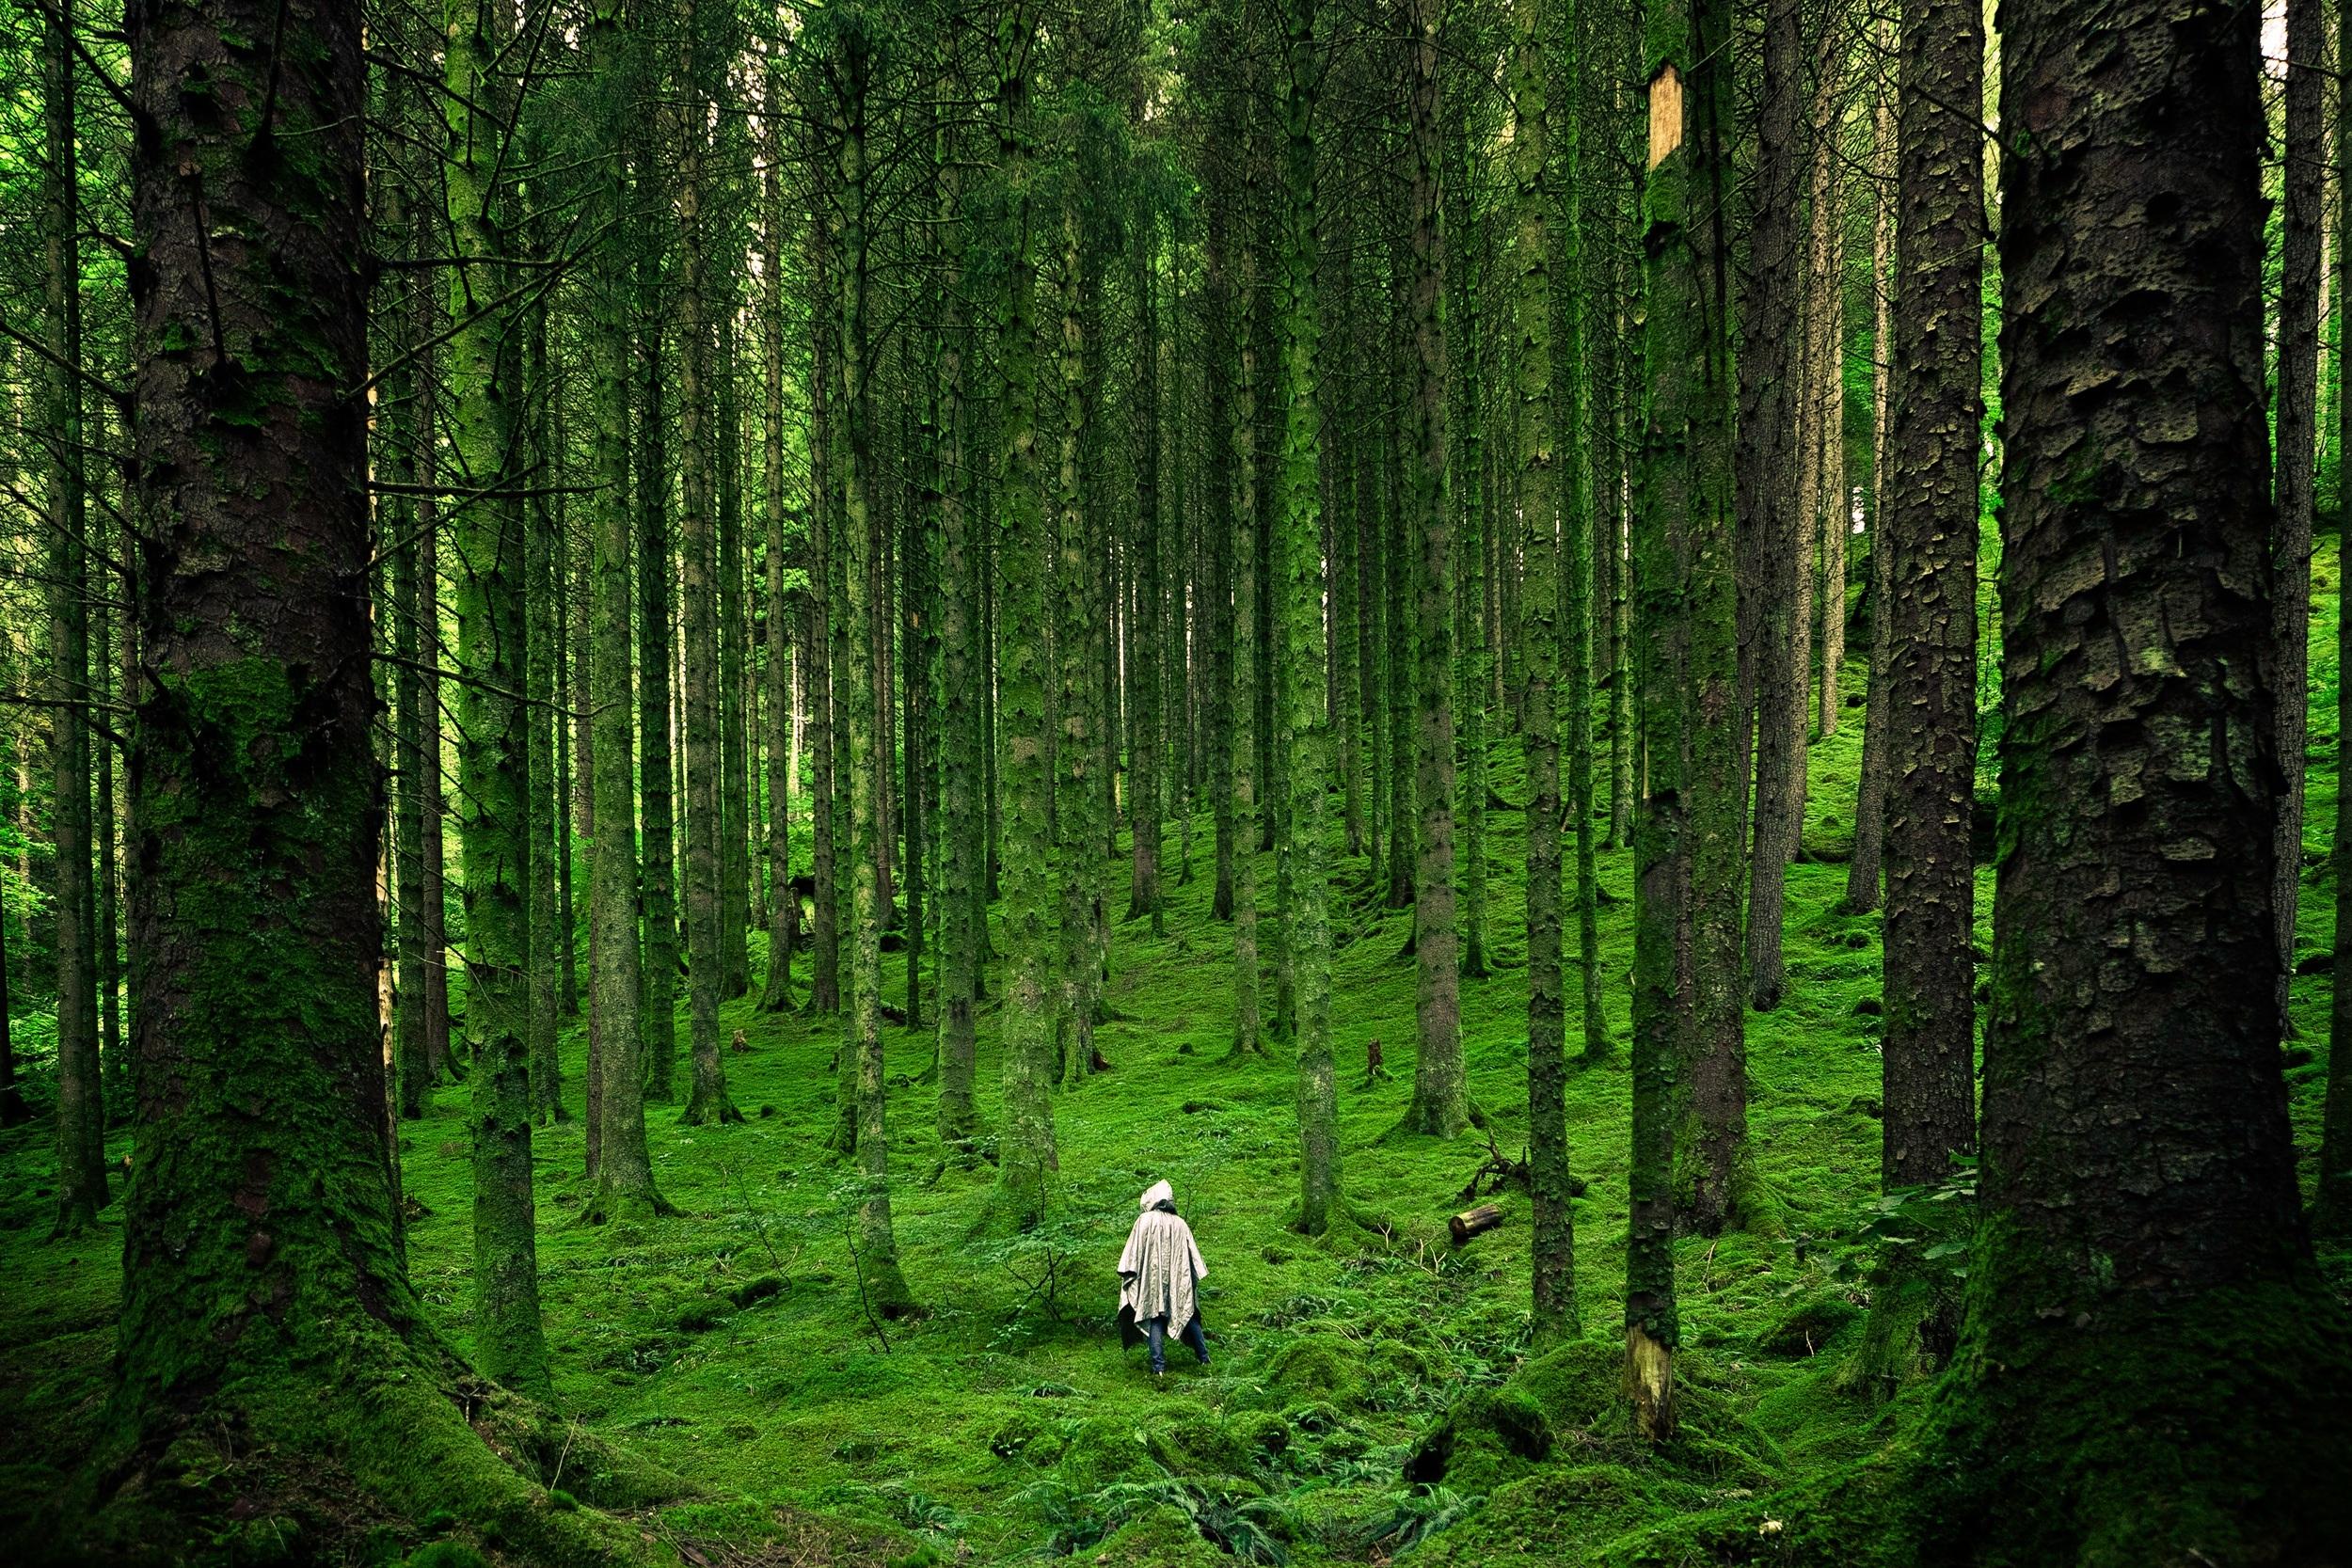 Картинка леса и человека